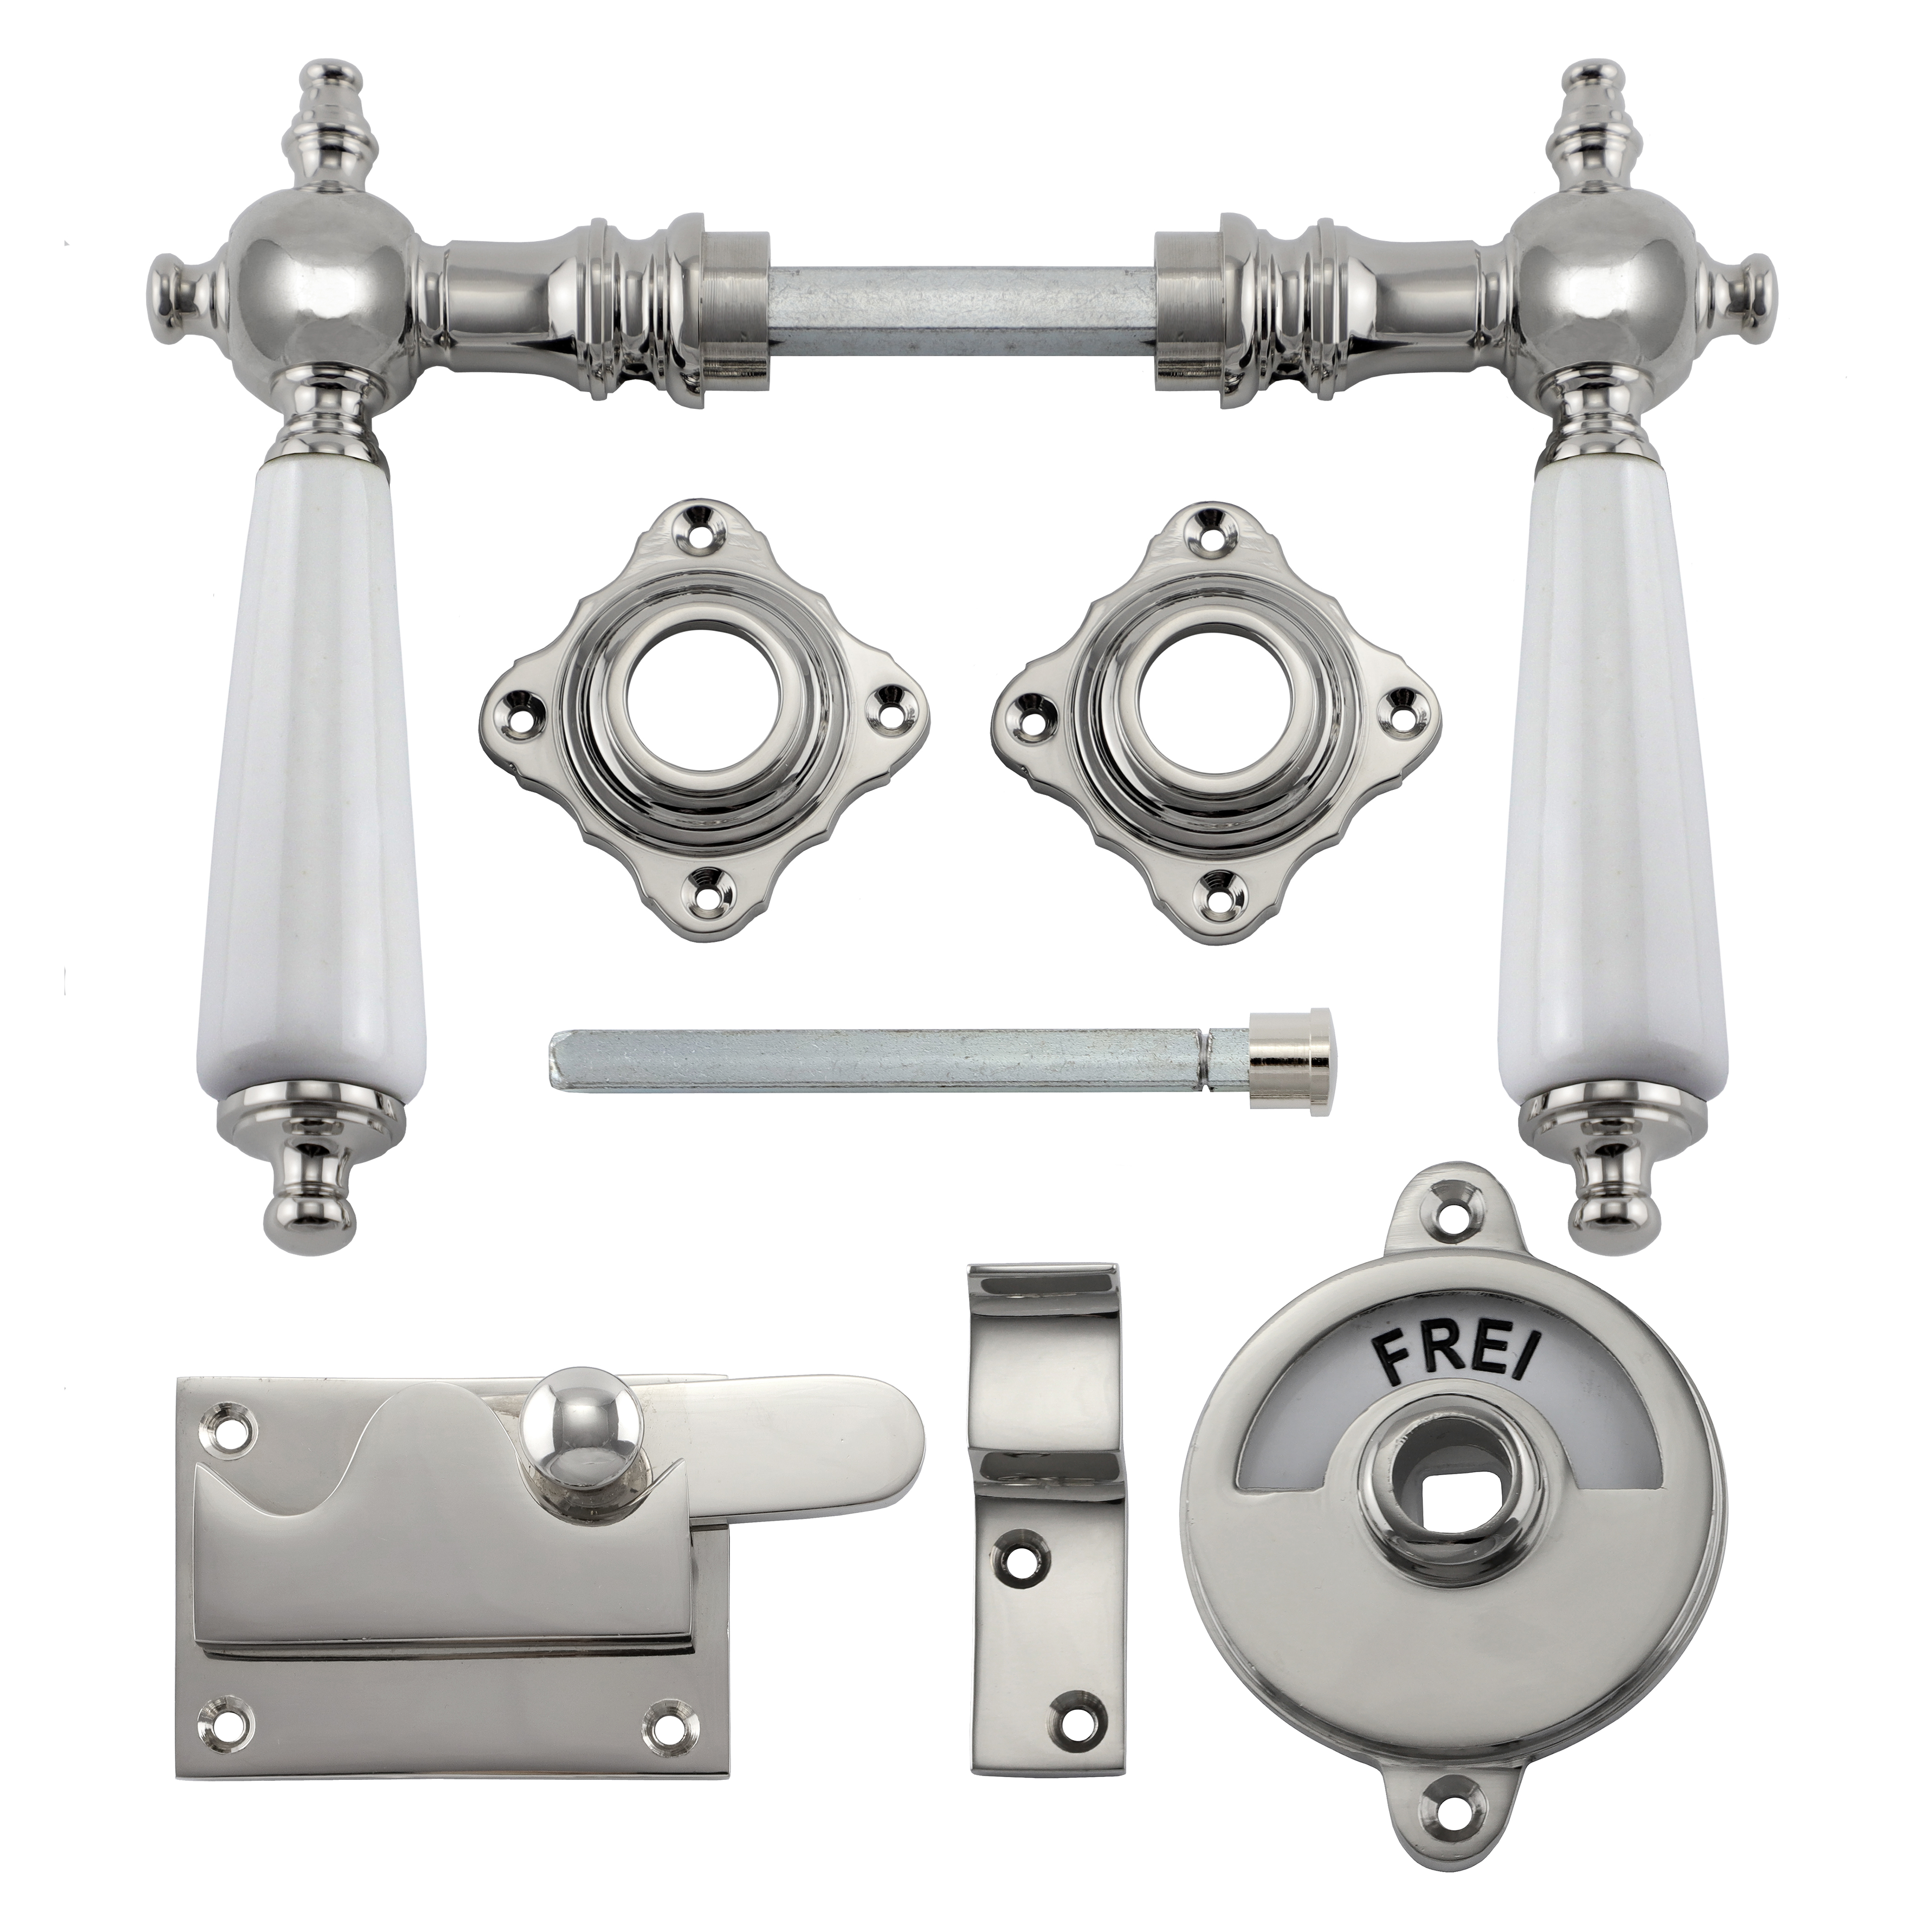 341.0020.10 WC-Türbeschlag / Riegel gerade / Verschluss mit Anzeige Messing vernickelt poliert